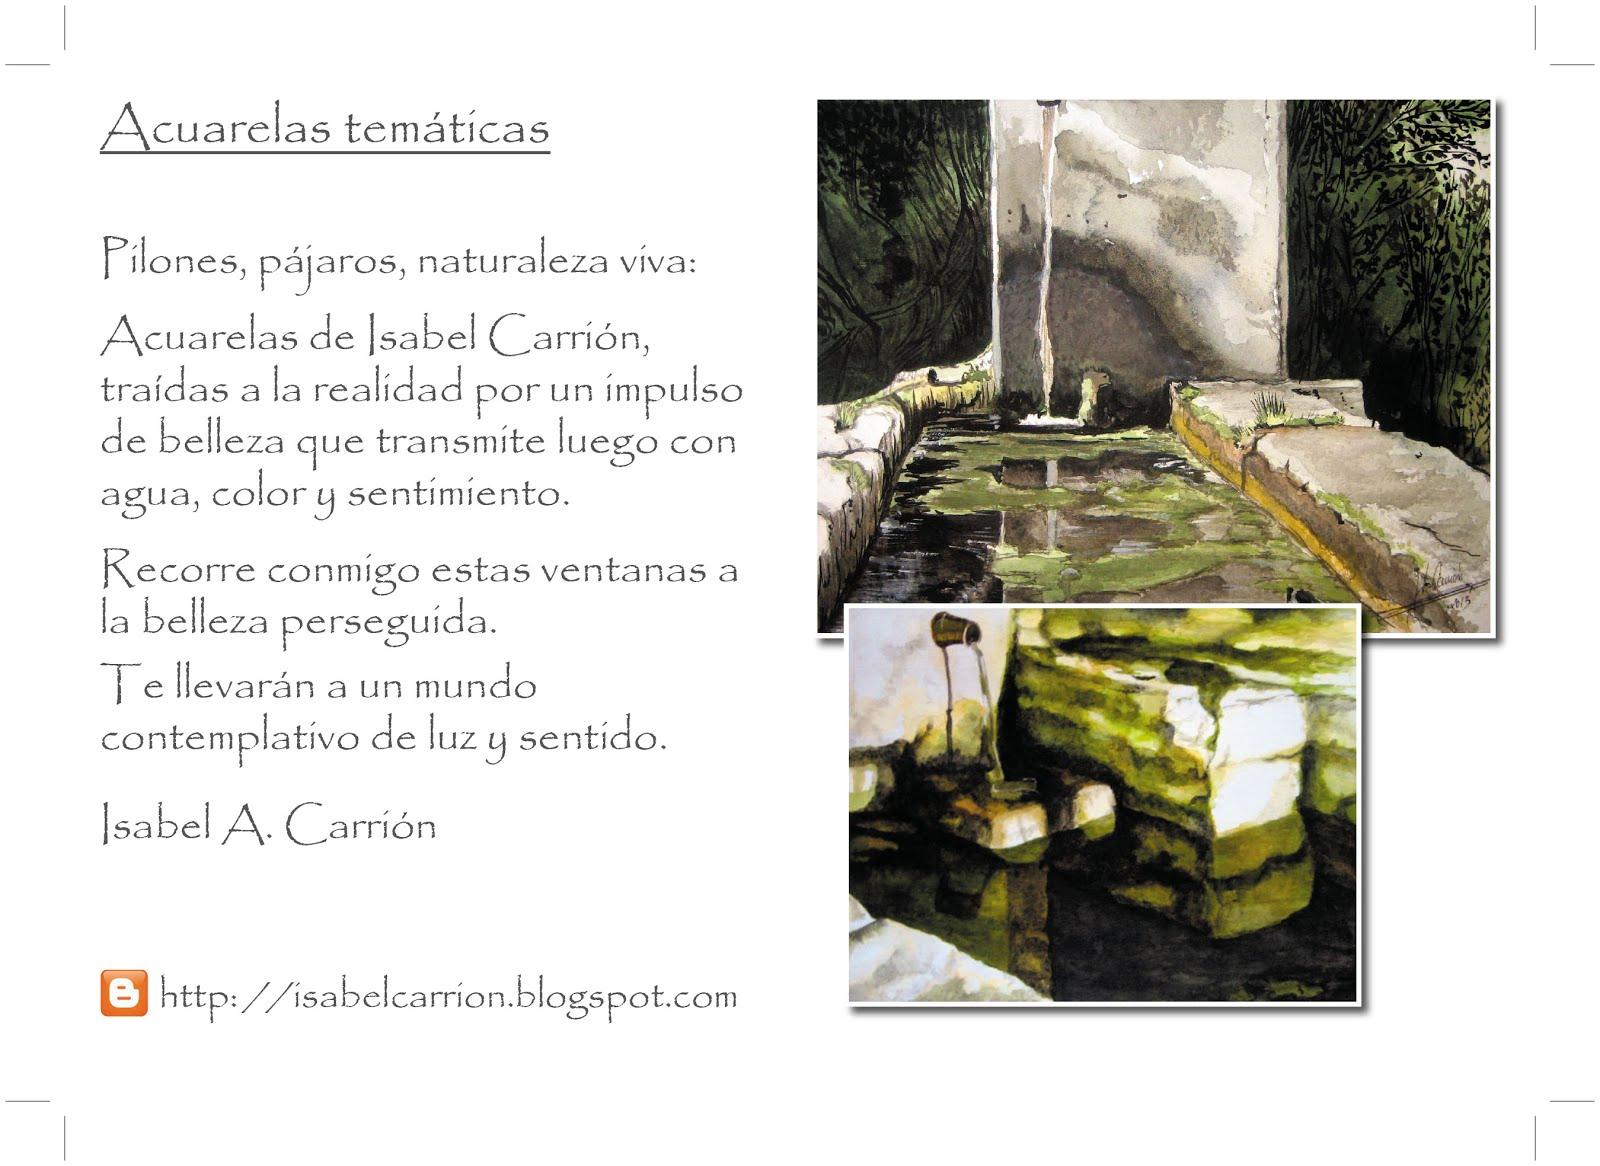 Próxima exposición: LA REPUBLICA DE LA LETRAS. CORDOBA. ACUARELAS¡, JUNTO A LA ARTISTA ROSA PEREZ